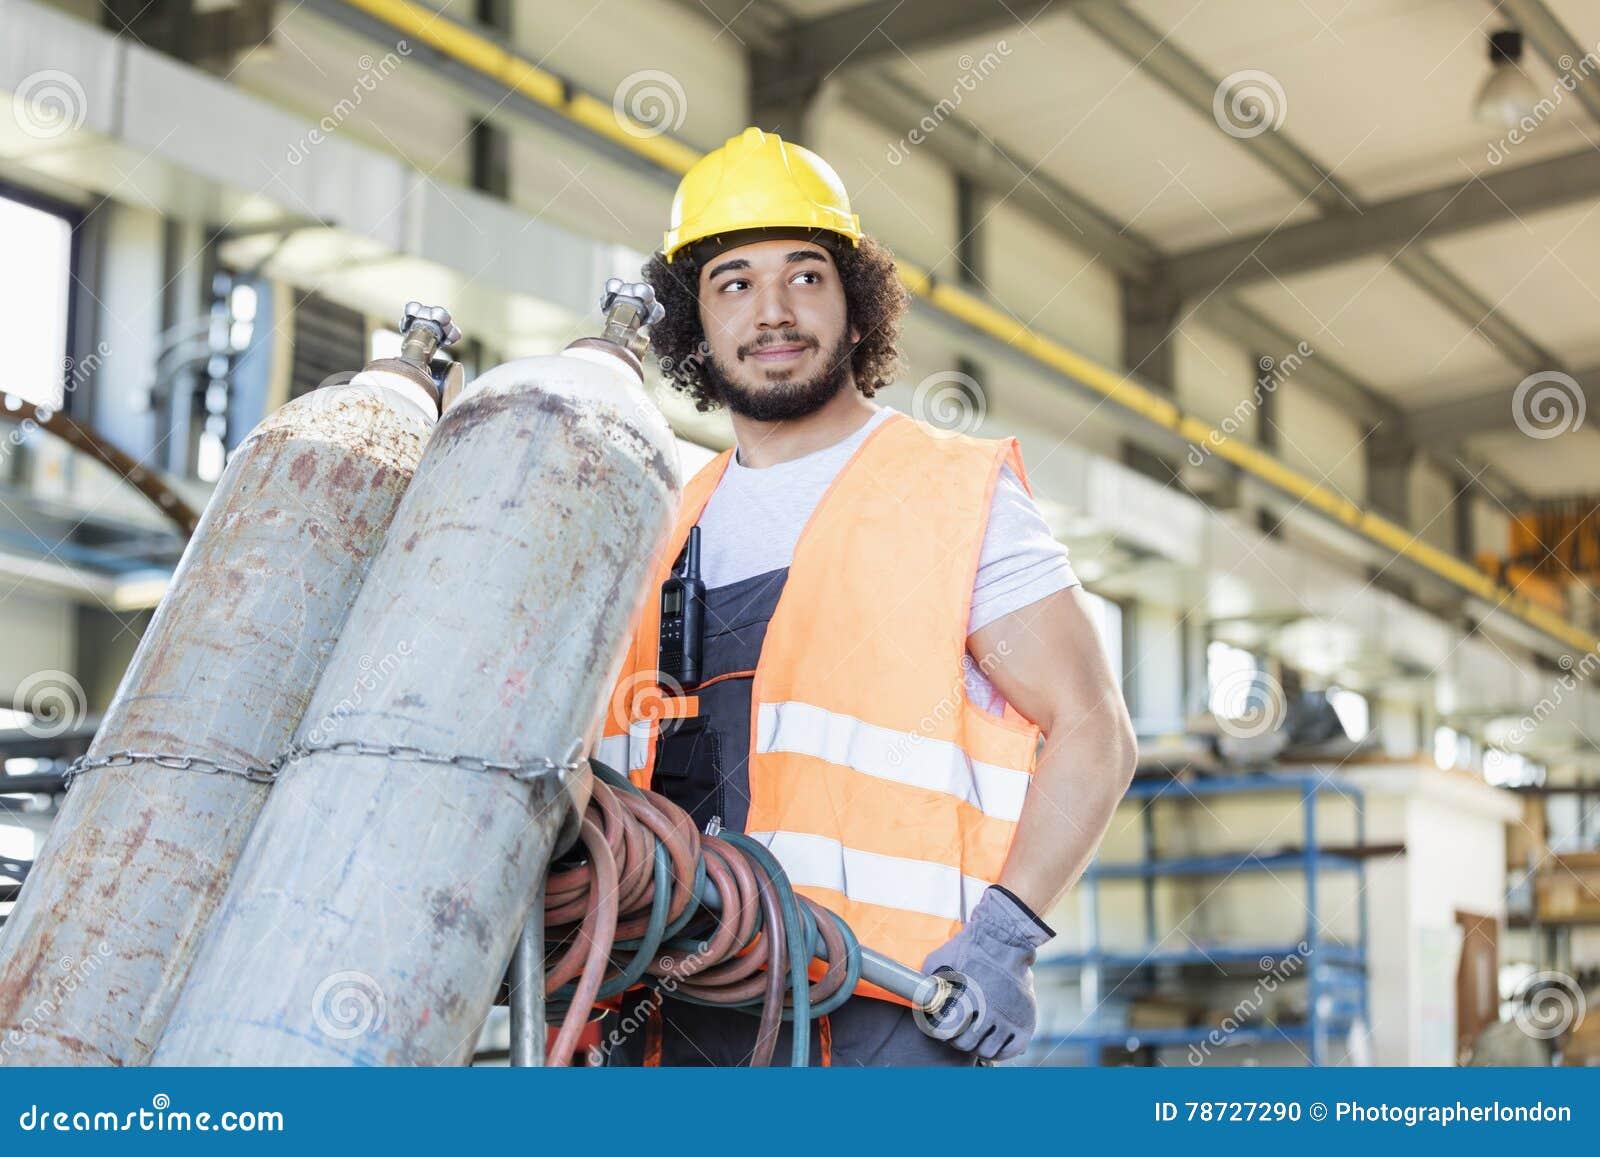 Unga rörande gascylindrar för manuell arbetare i metallbransch